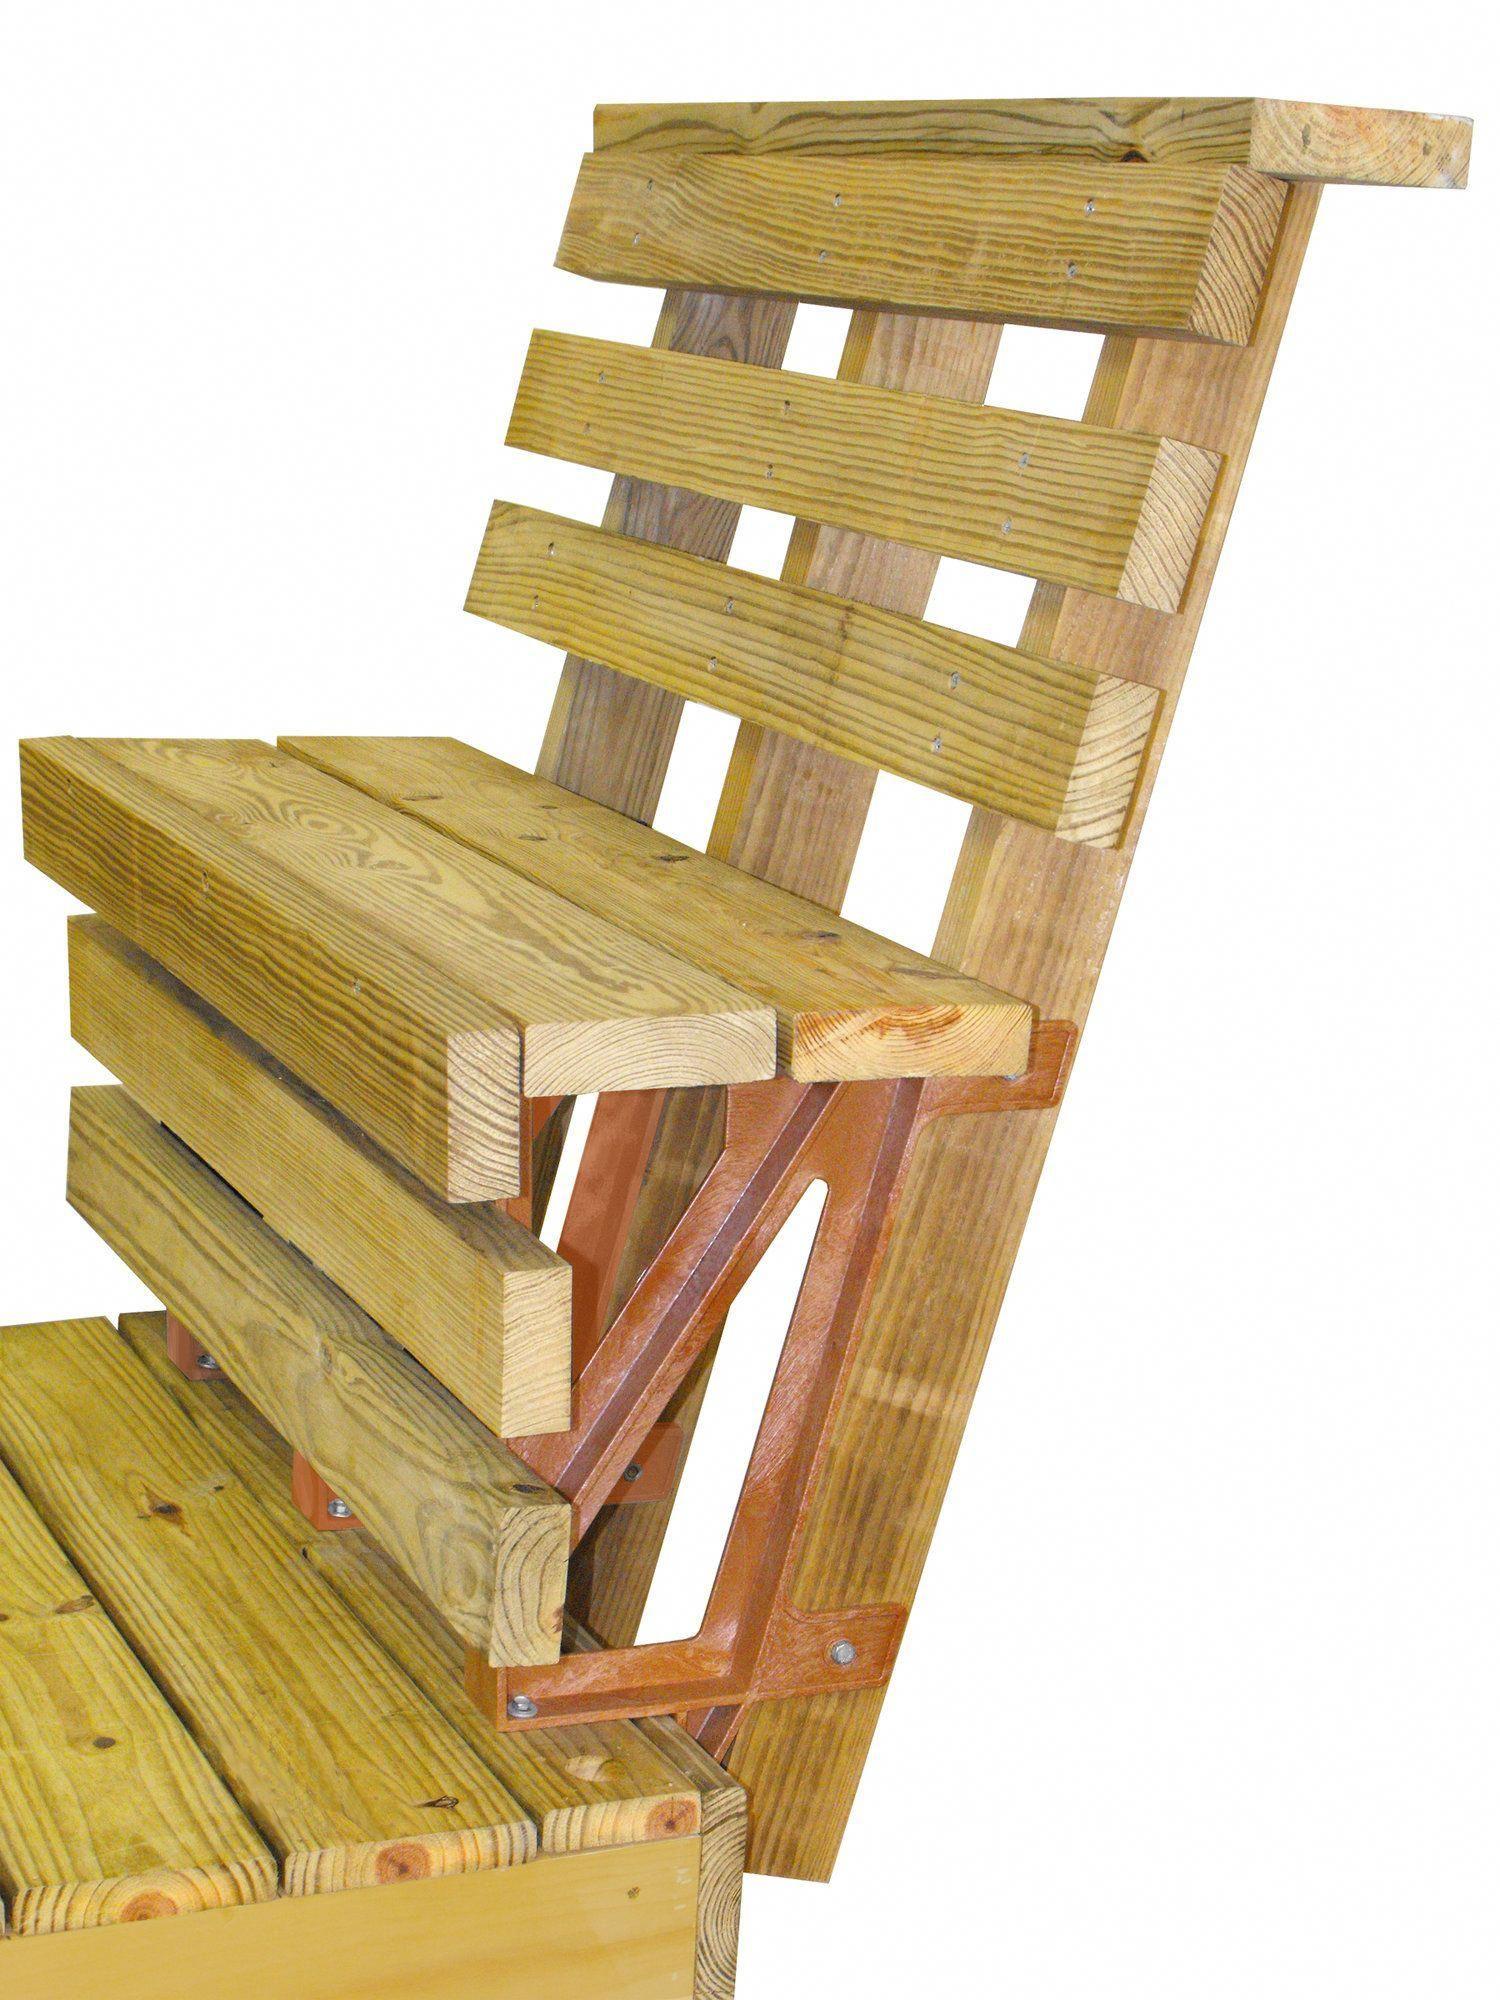 Tompkins Deck Bench Bracket deckconstruction Deck Building Ideas